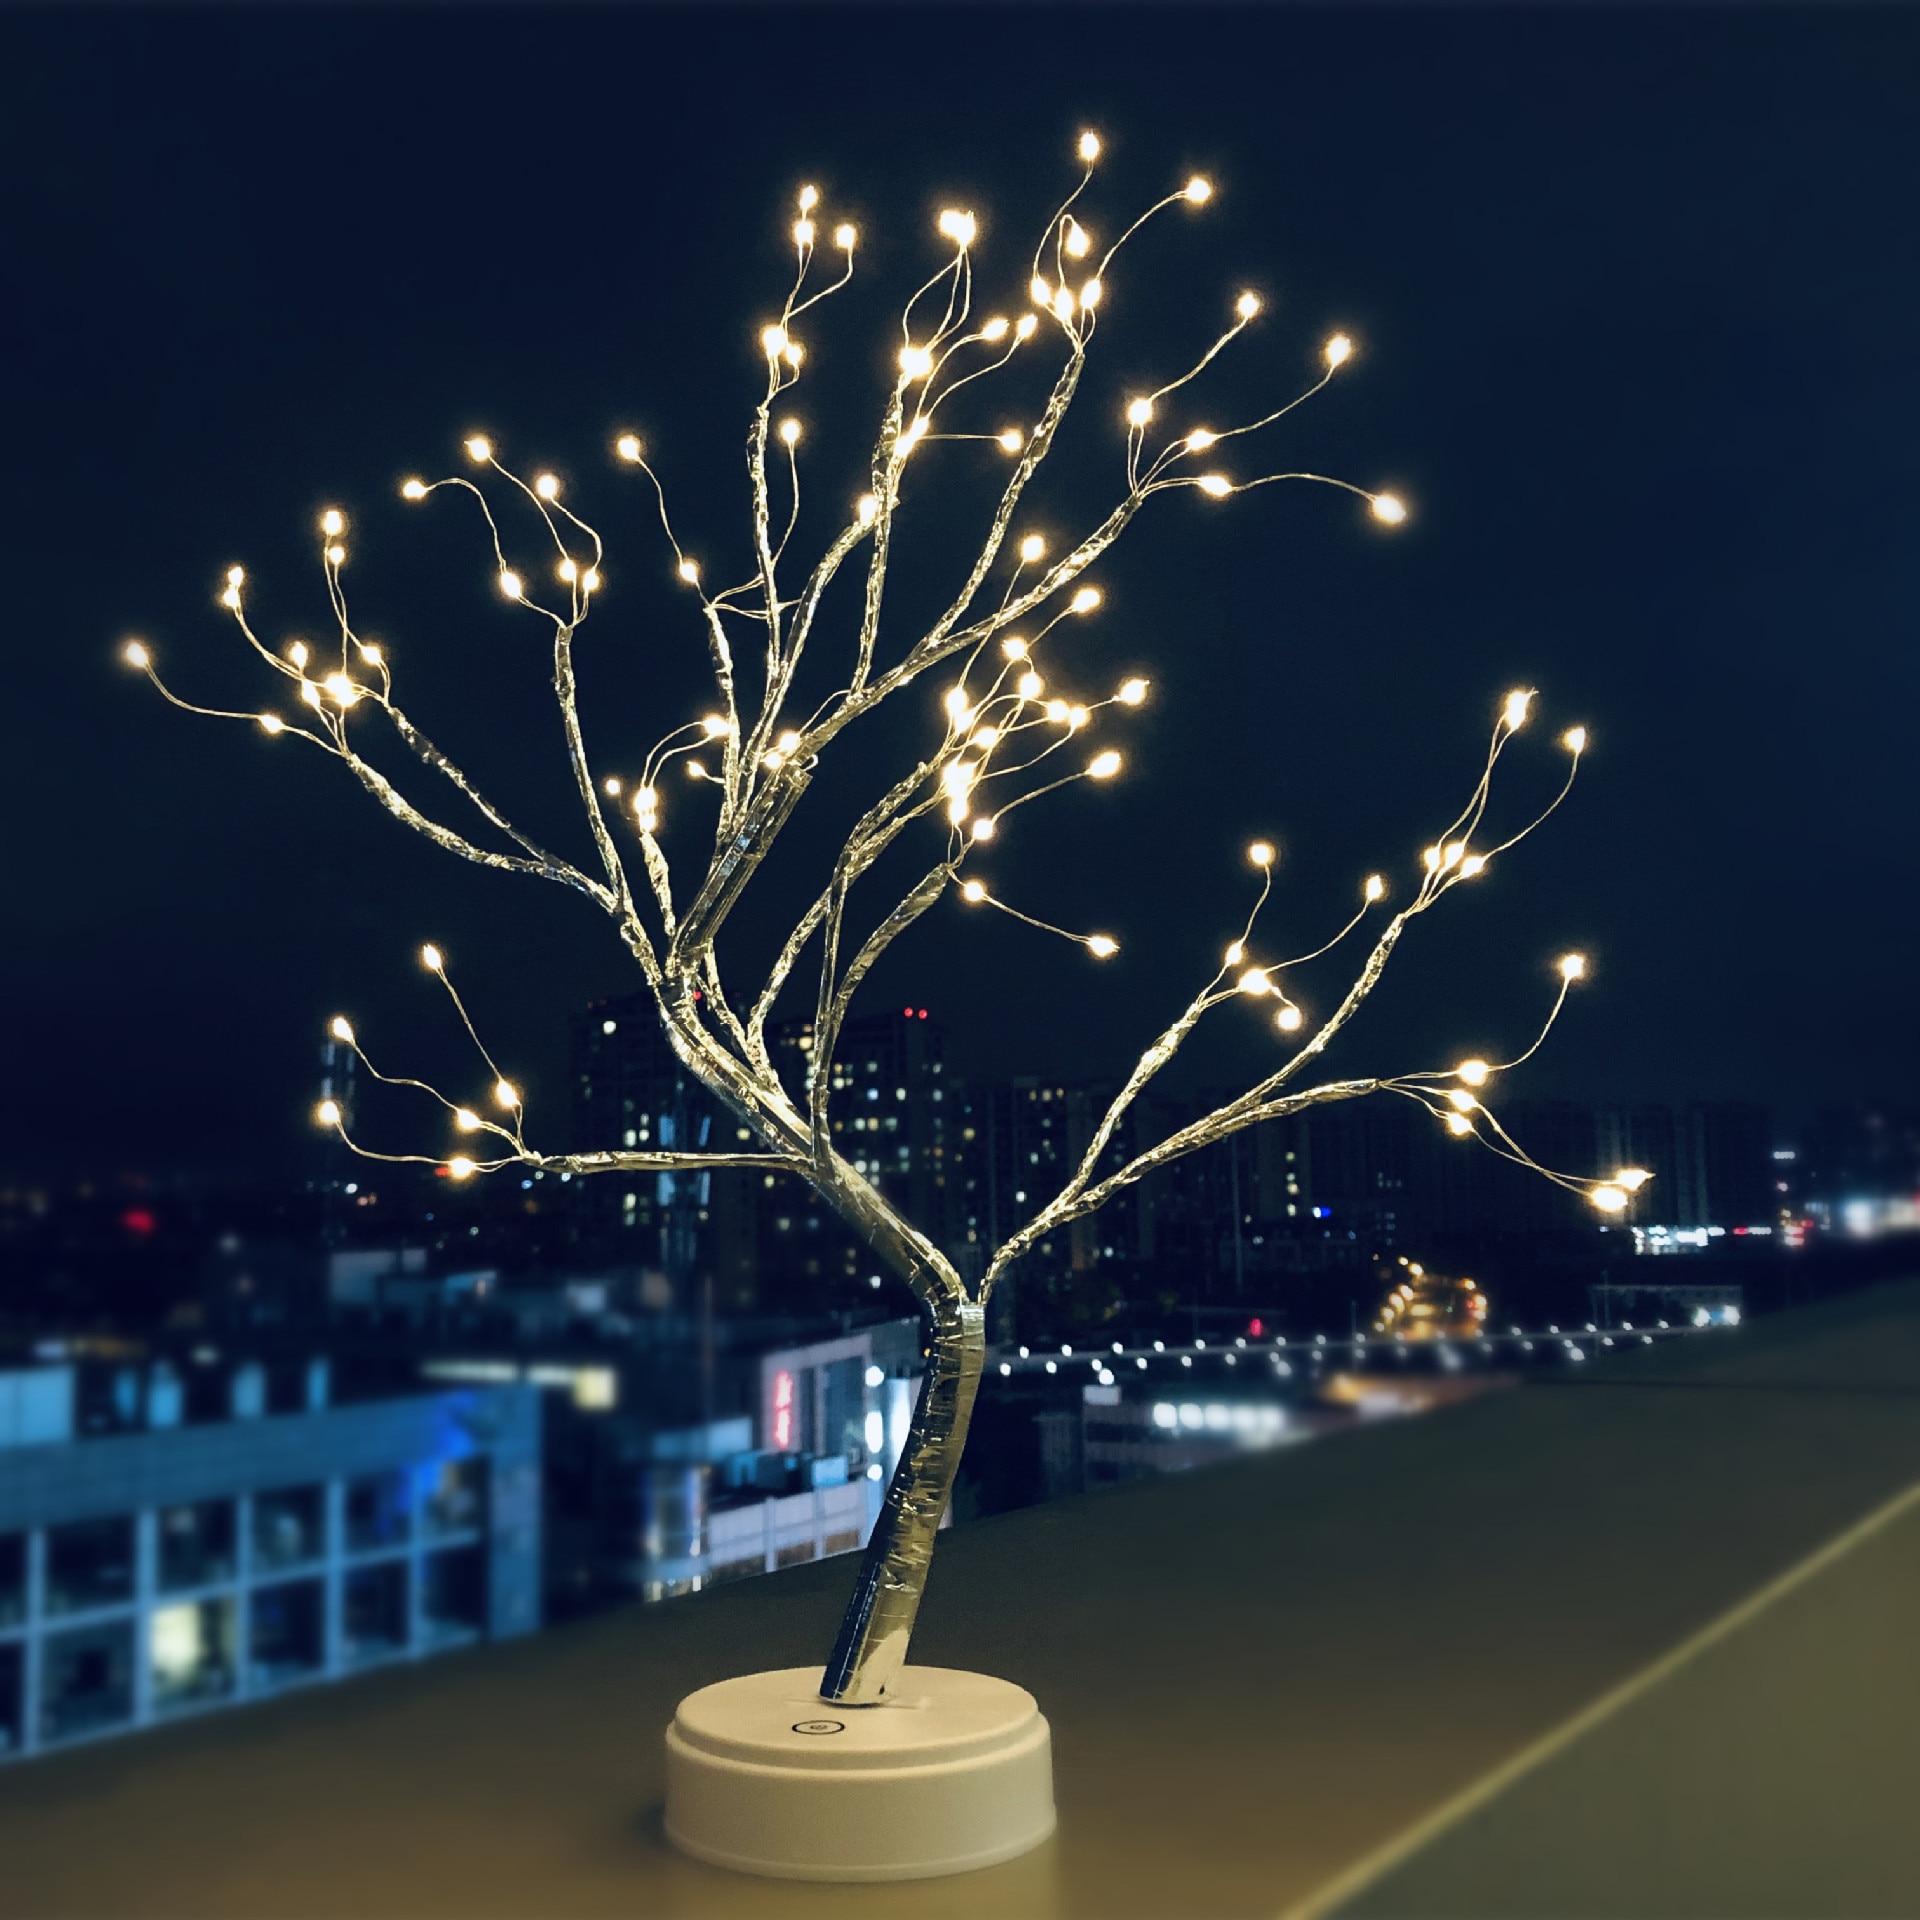 Luzes Da Árvore de LED Da Bateria/USB Alimentado Candeeiro de Mesa Presentes de Aniversário Interior Levou Luz da corda para o Partido Home Decoração de Natal árvore